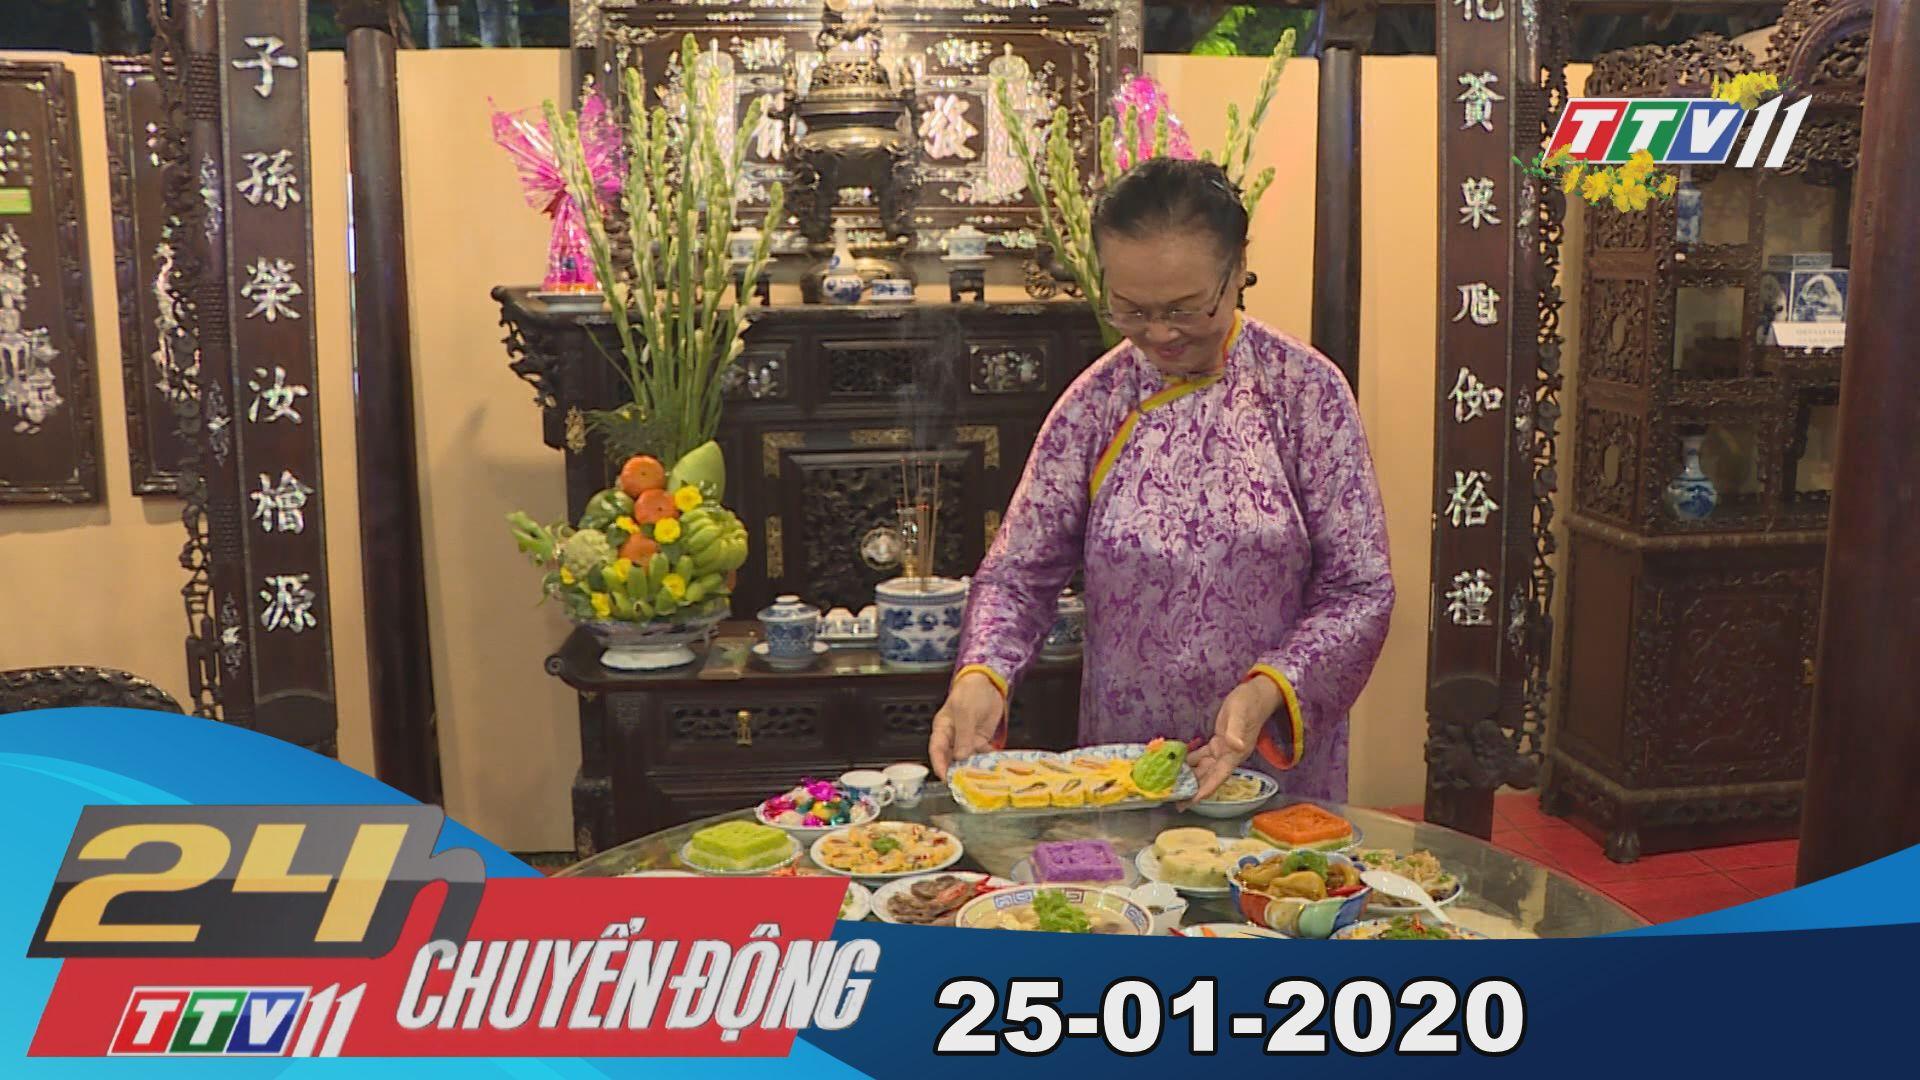 24h Chuyển động 25-01-2020 | Tin tức hôm nay | TayNinhTV